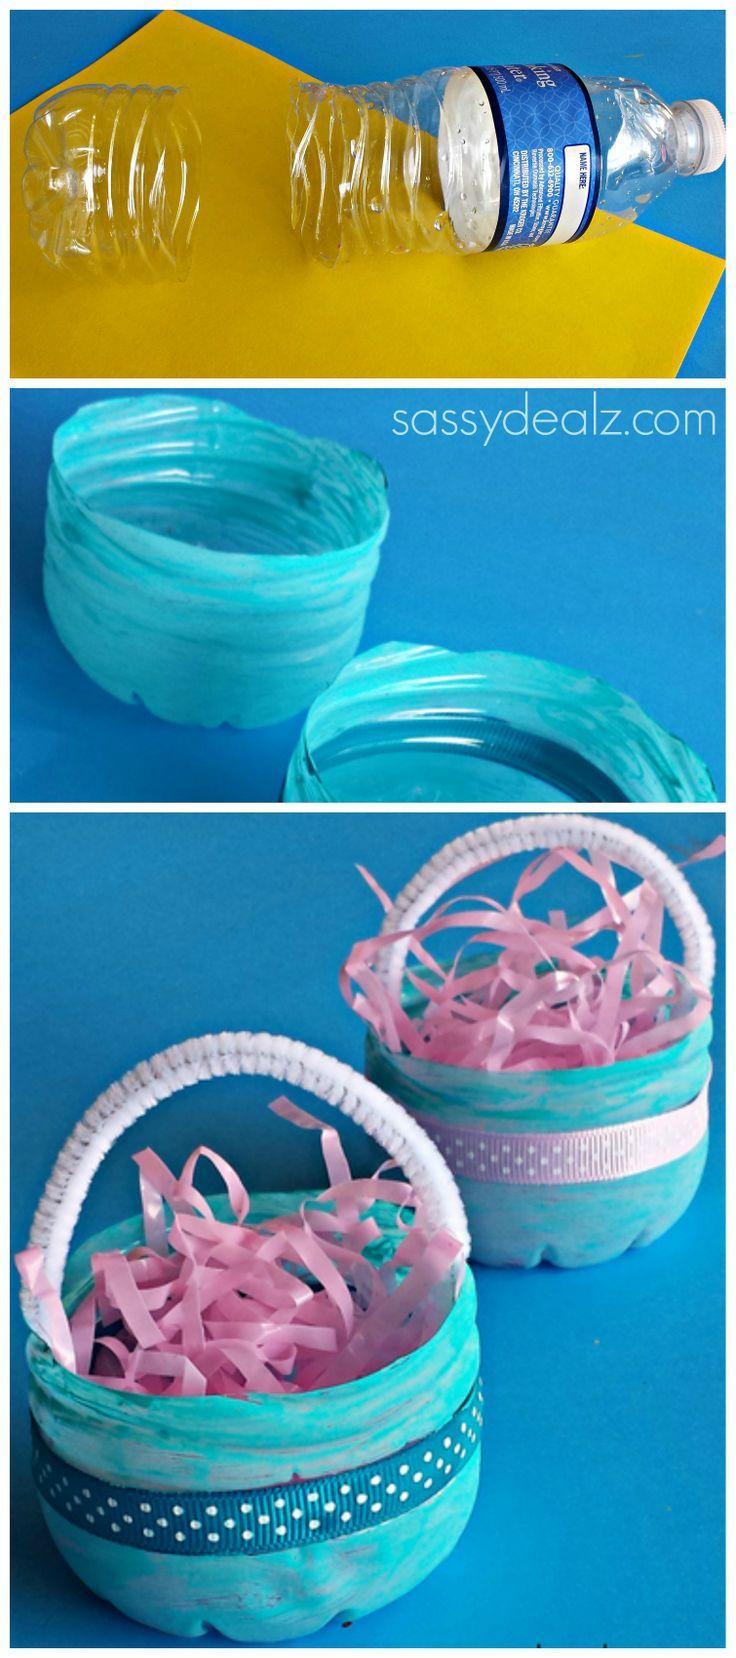 Water Bottle Easter Basket Craft for Kids #DIY | www.sassydealz.co...